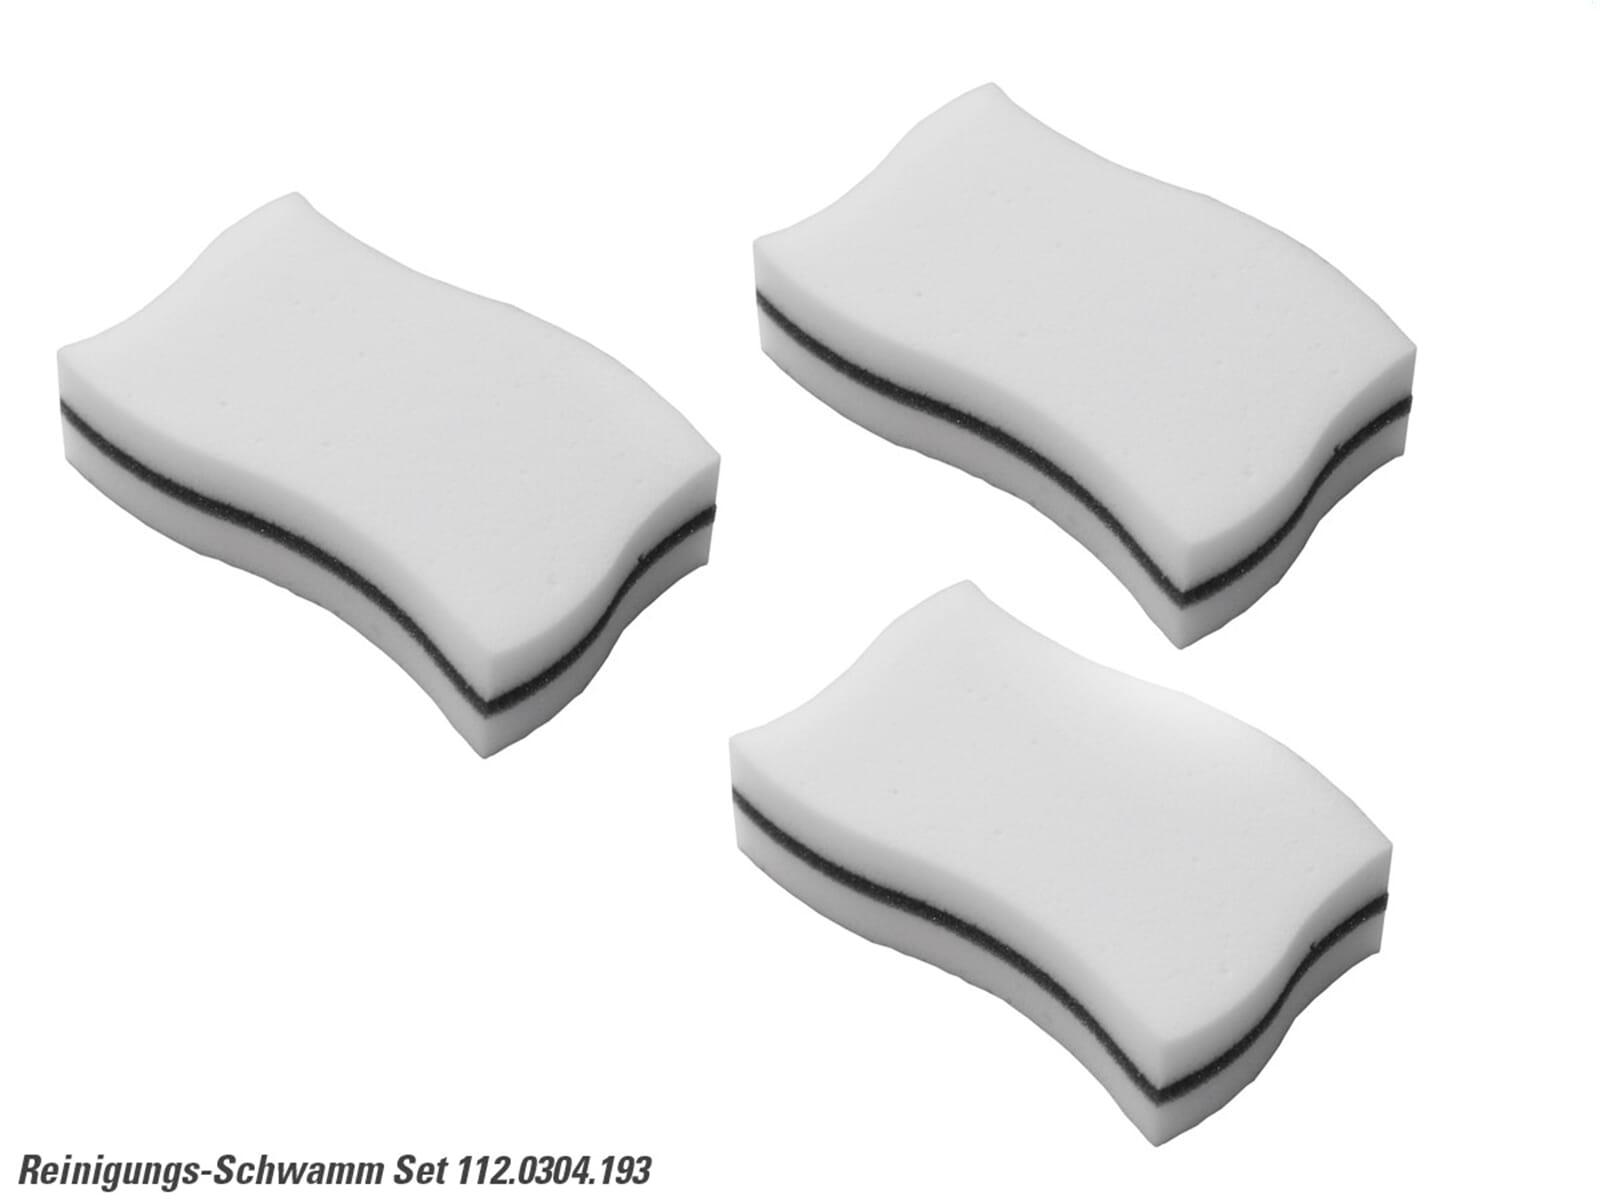 Franke 112.0304.193 Reinigungs-Schwamm 3er Set